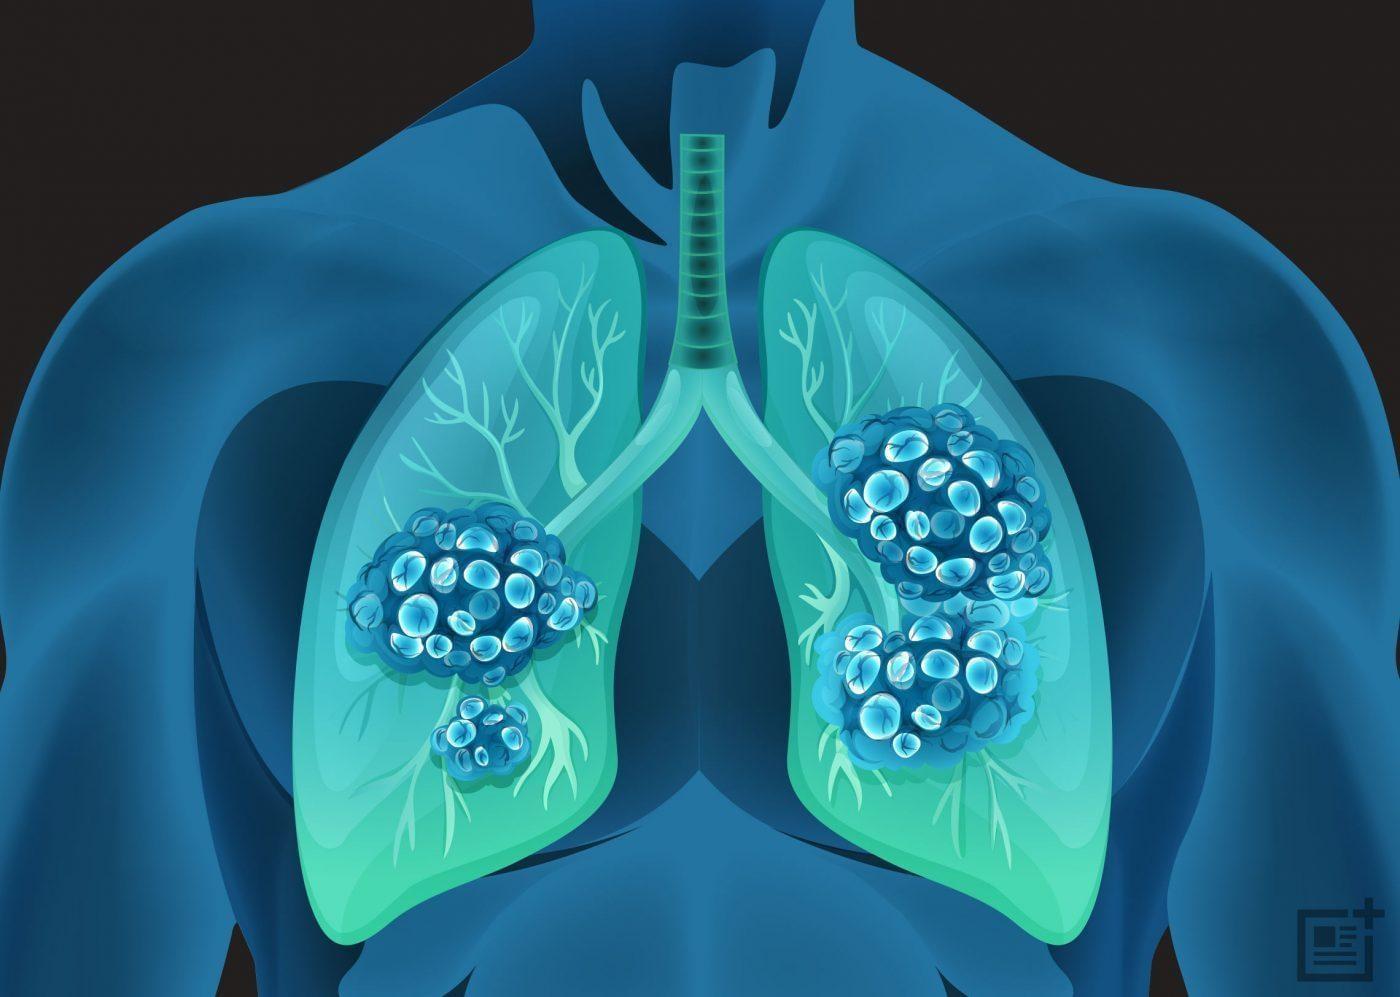 基石药业WCLC公布舒格利单抗治疗IV期非小细胞肺癌注册性临床研究的更新数据